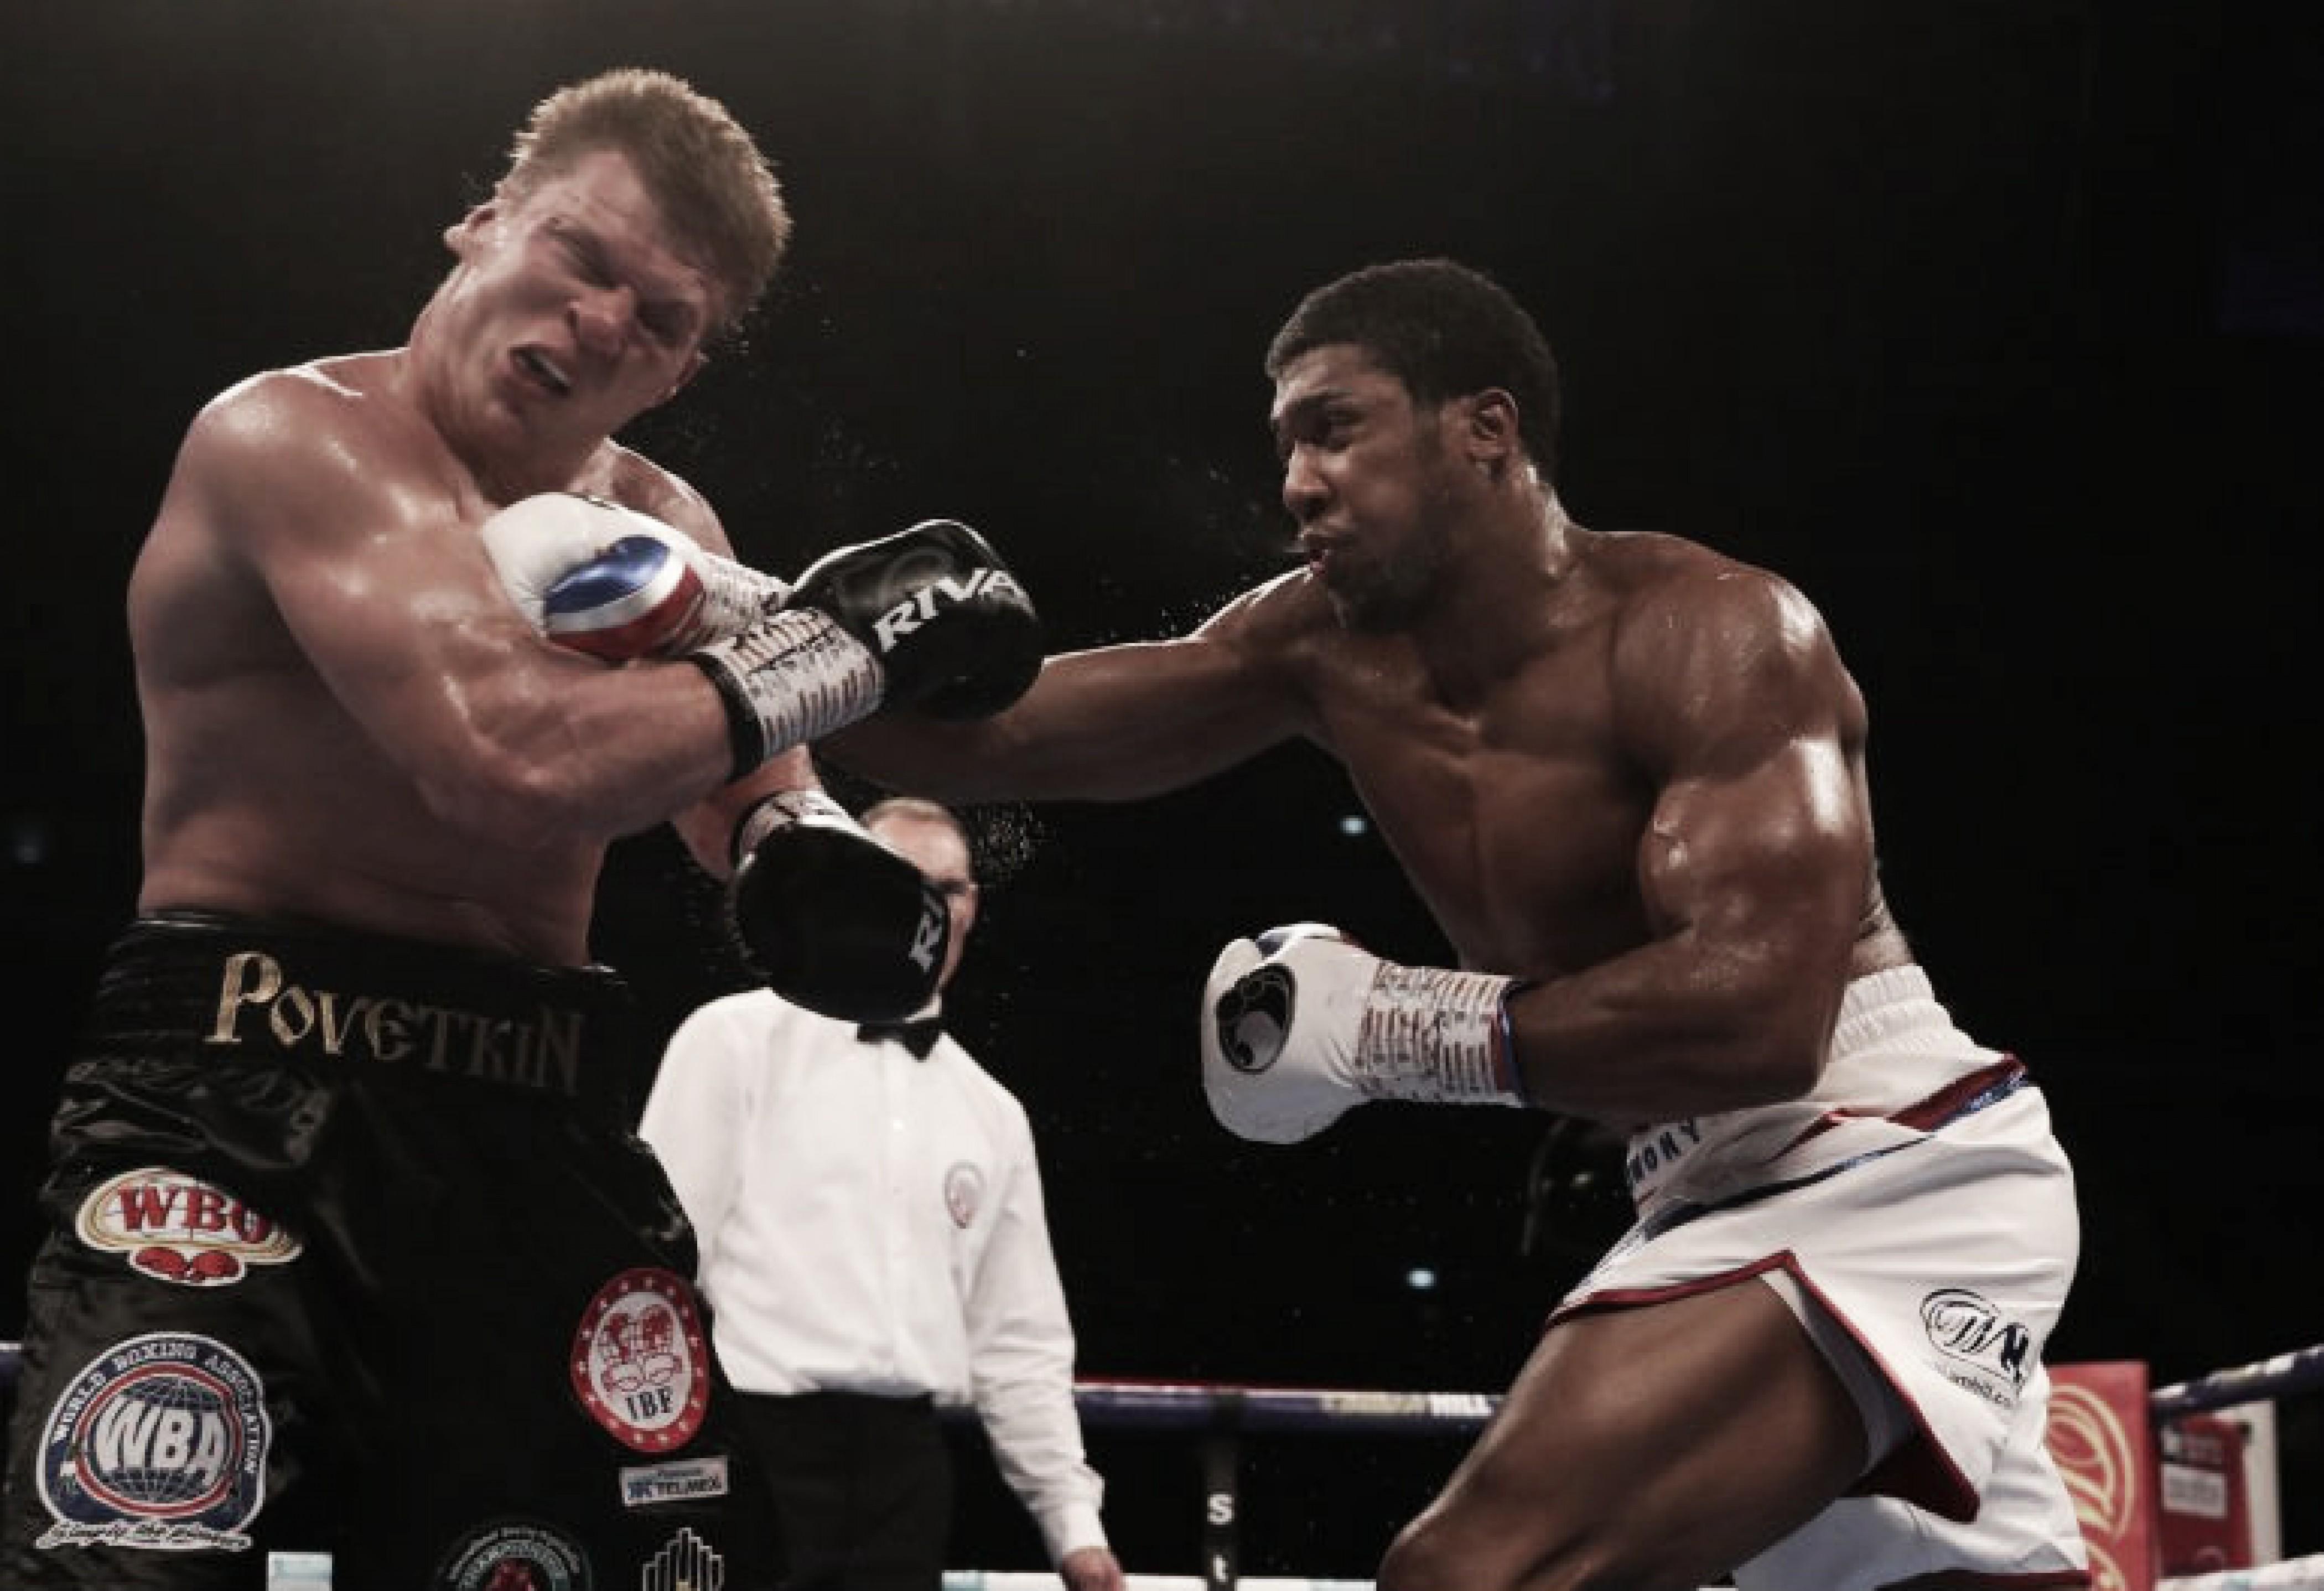 En una pelea muy difícil, Joshua hizo prevalecer su potencia